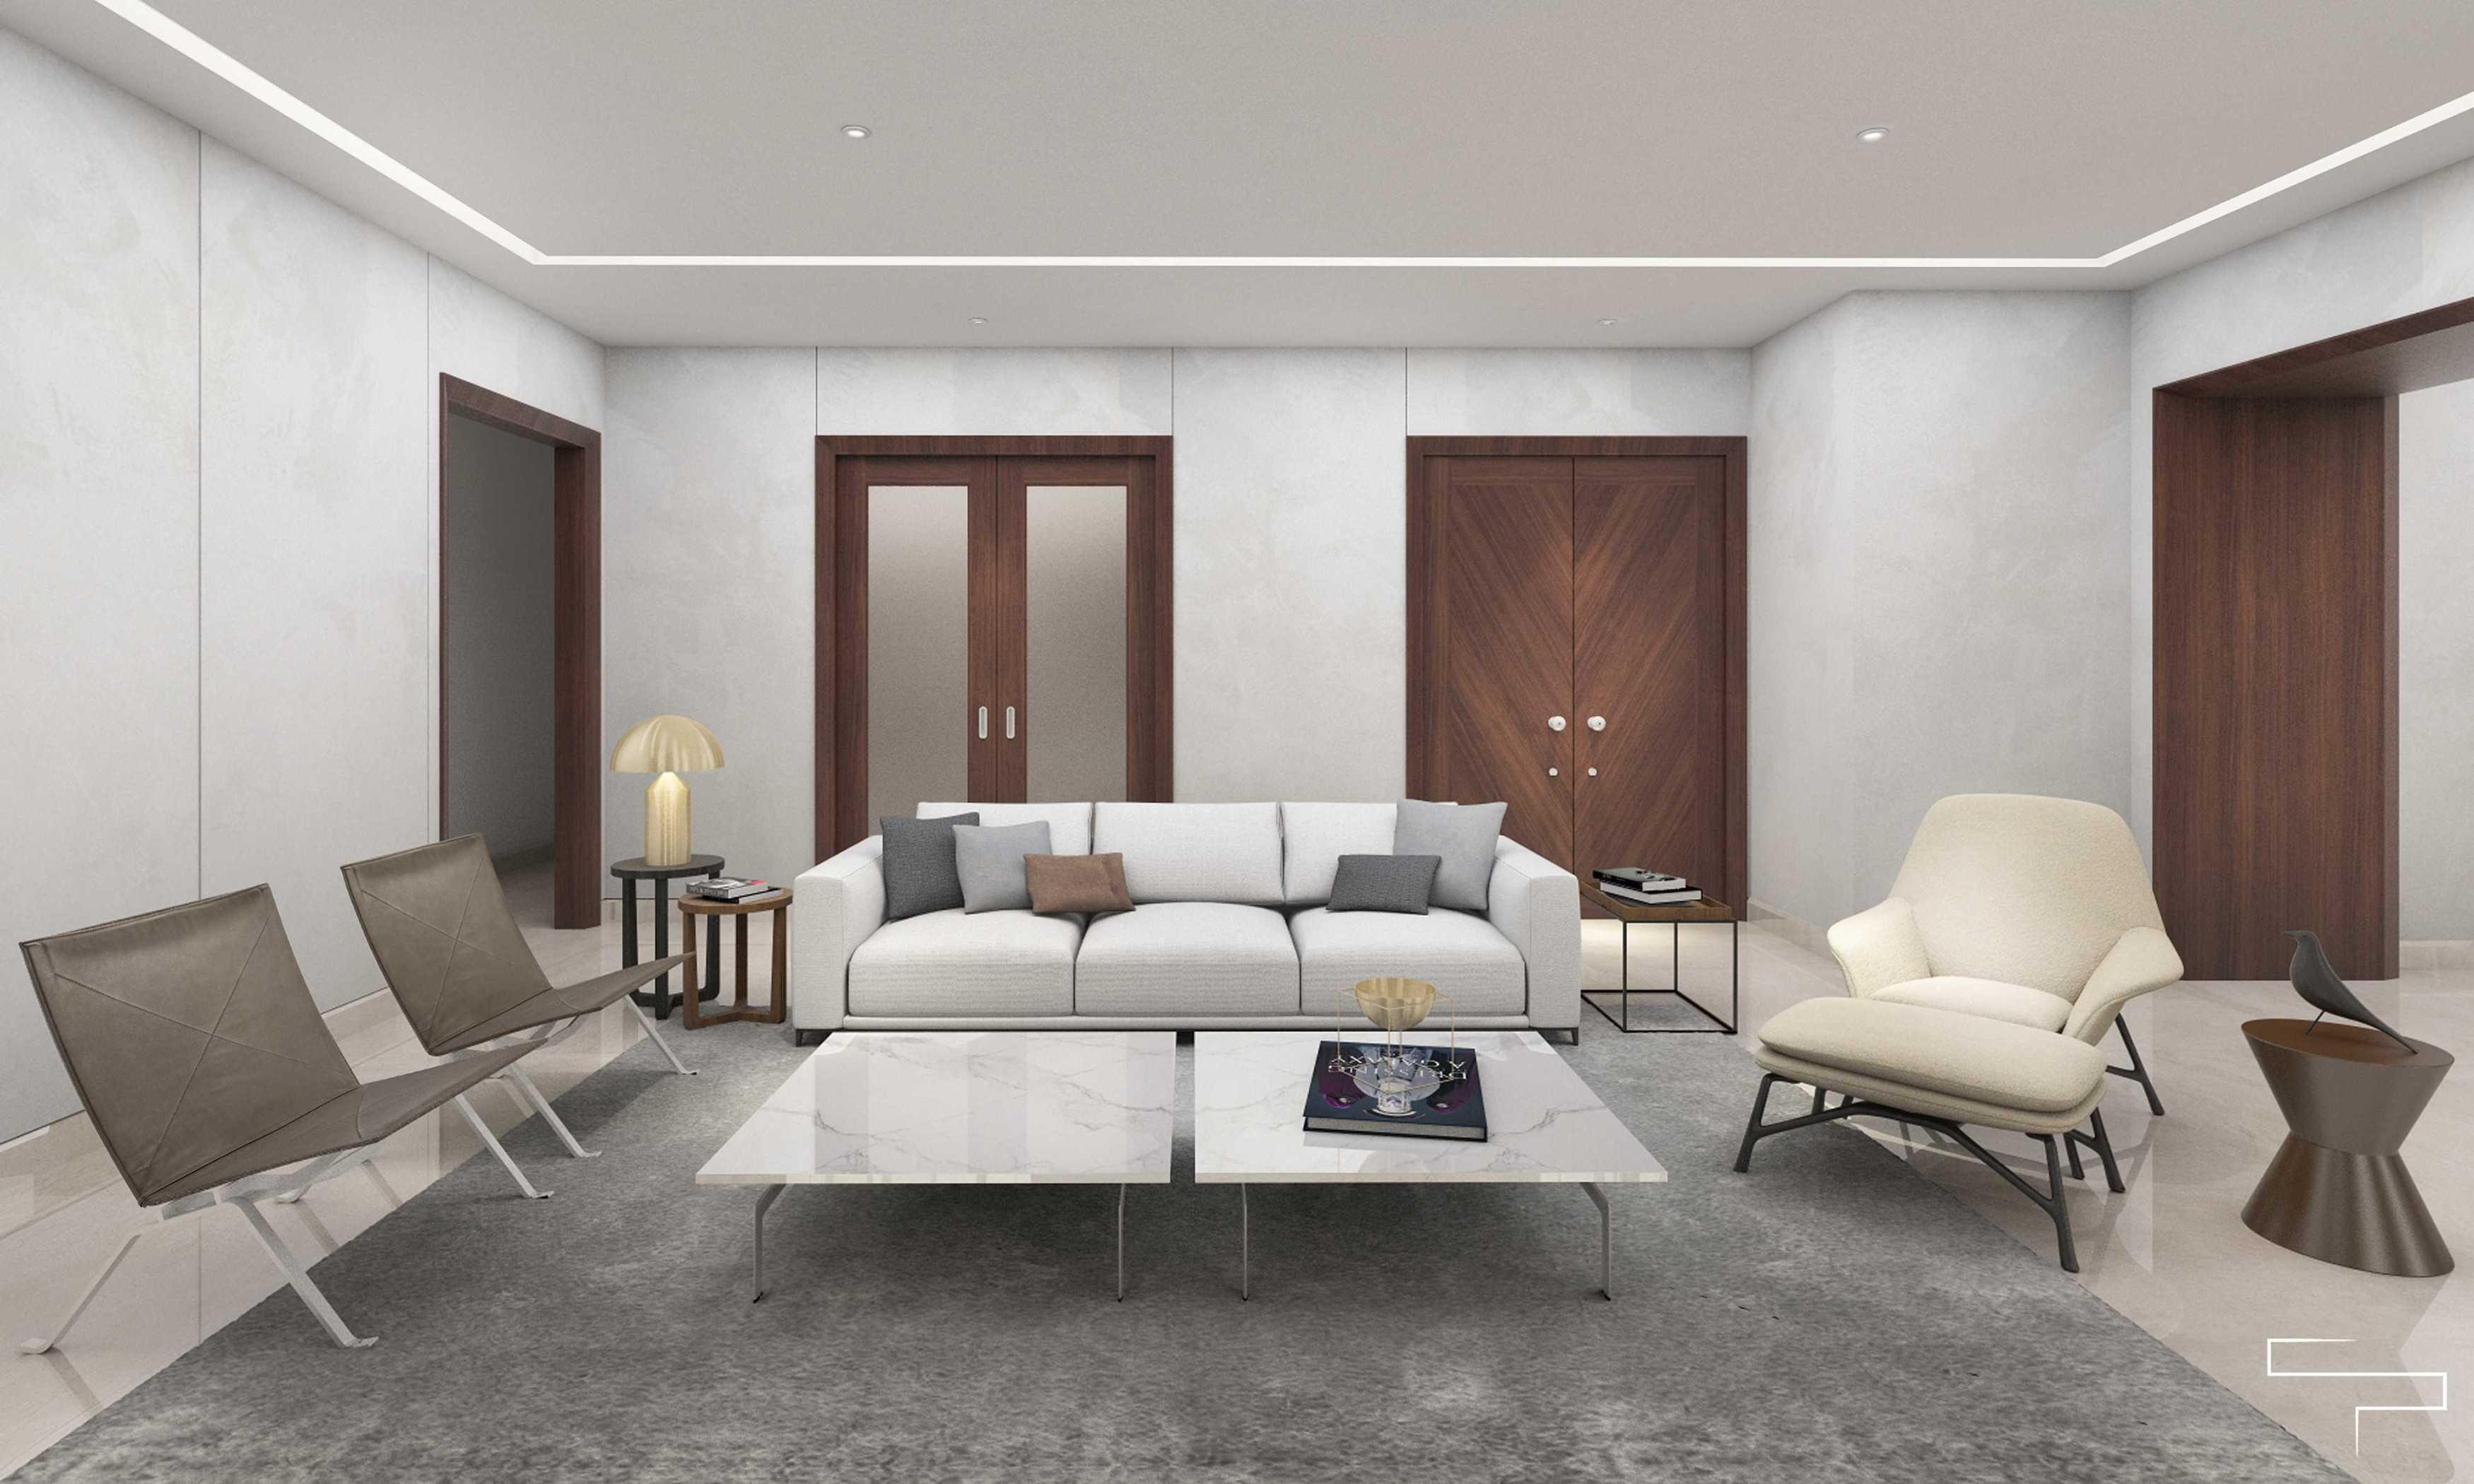 Sontani Partners 9B Residence Pakubuwono  Pakubuwono  Living Room Kontemporer,wood,modern  27617